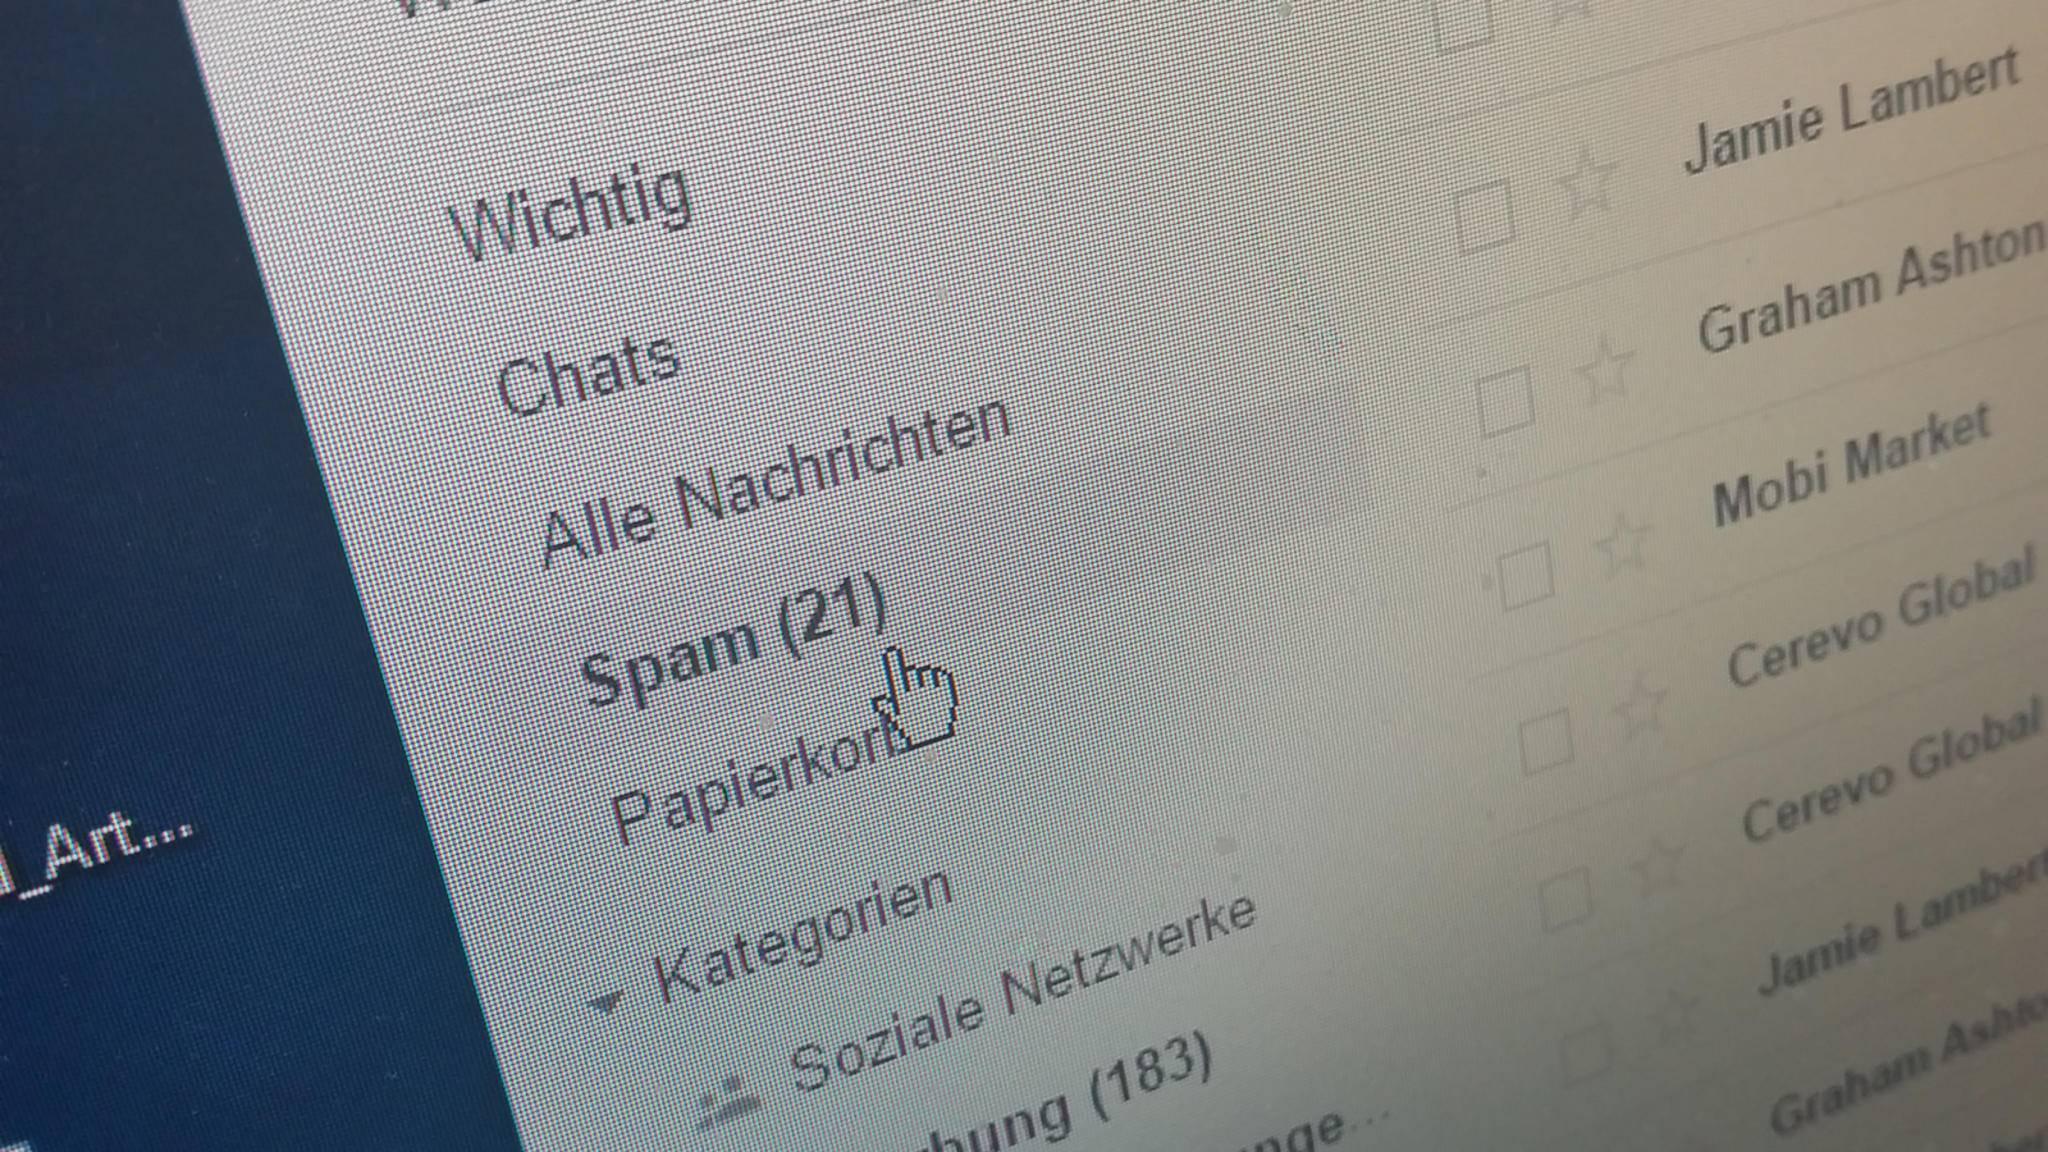 Wir geben Tipps gegen Spam-Mails.